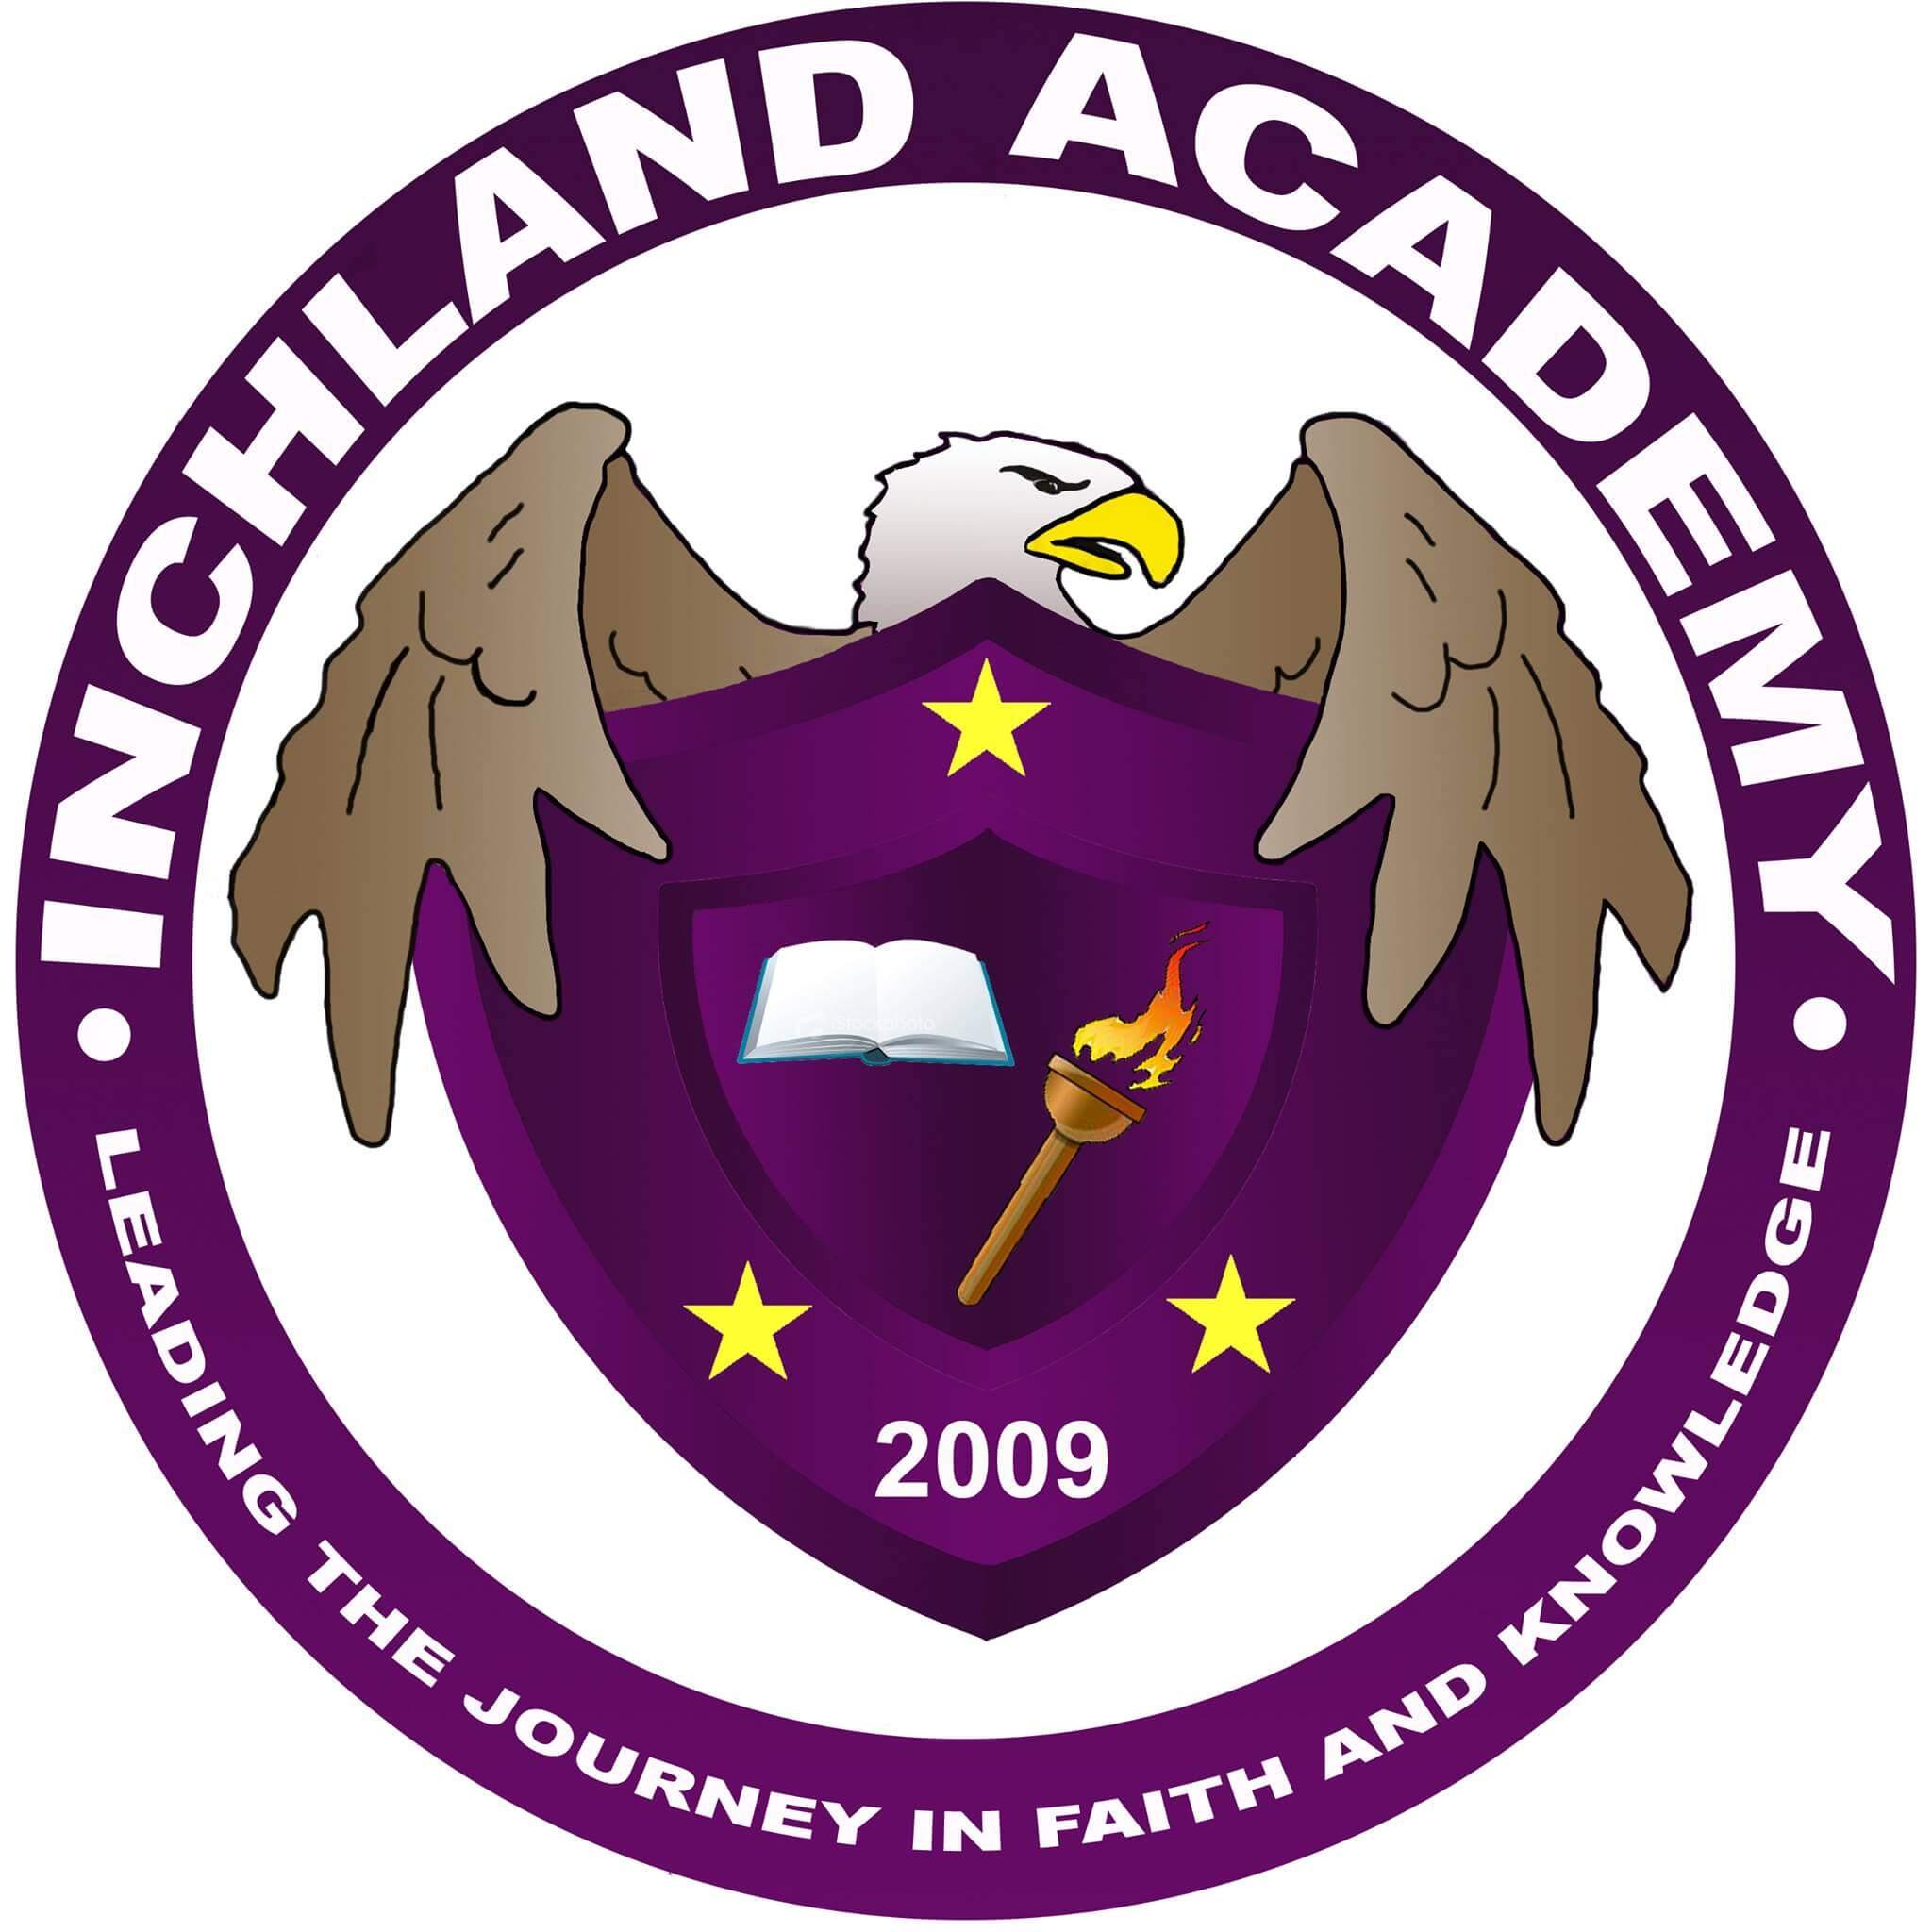 Inchland Academy - San Fernando Logo